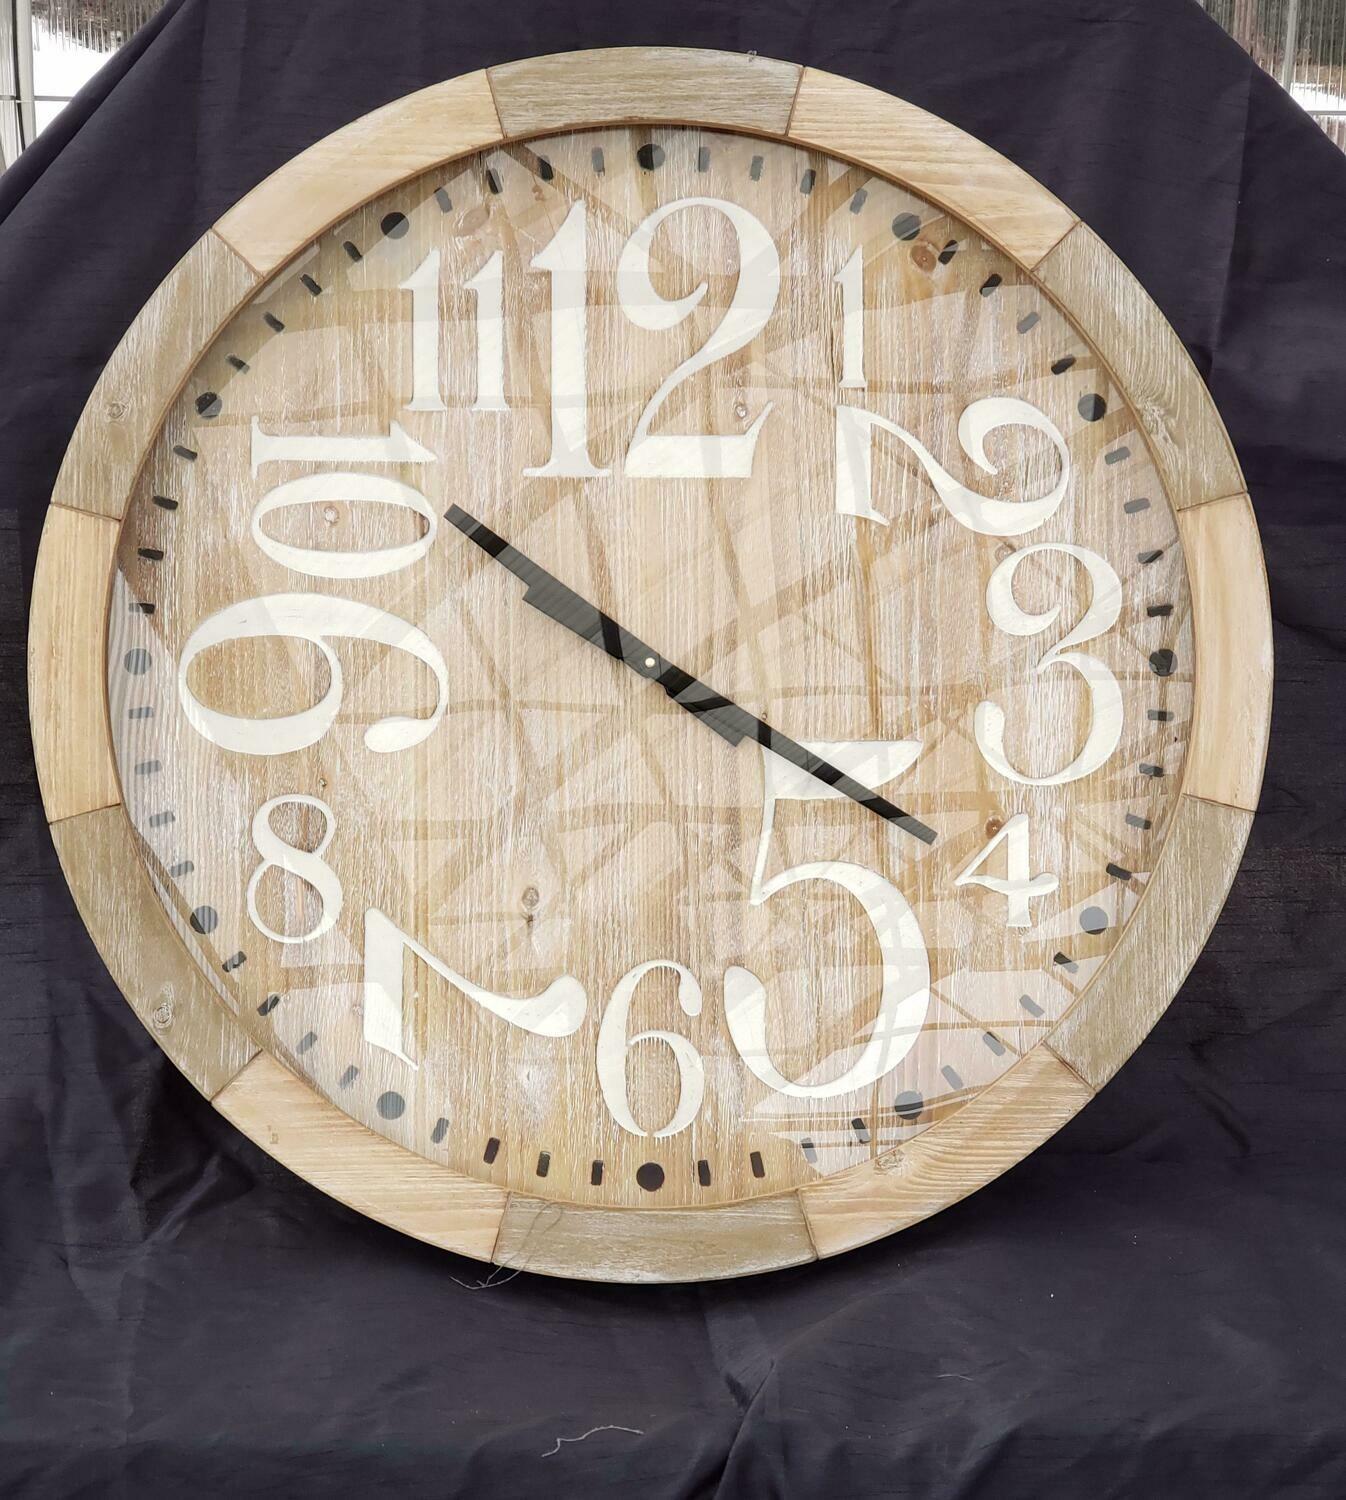 Wacky Letter Clock